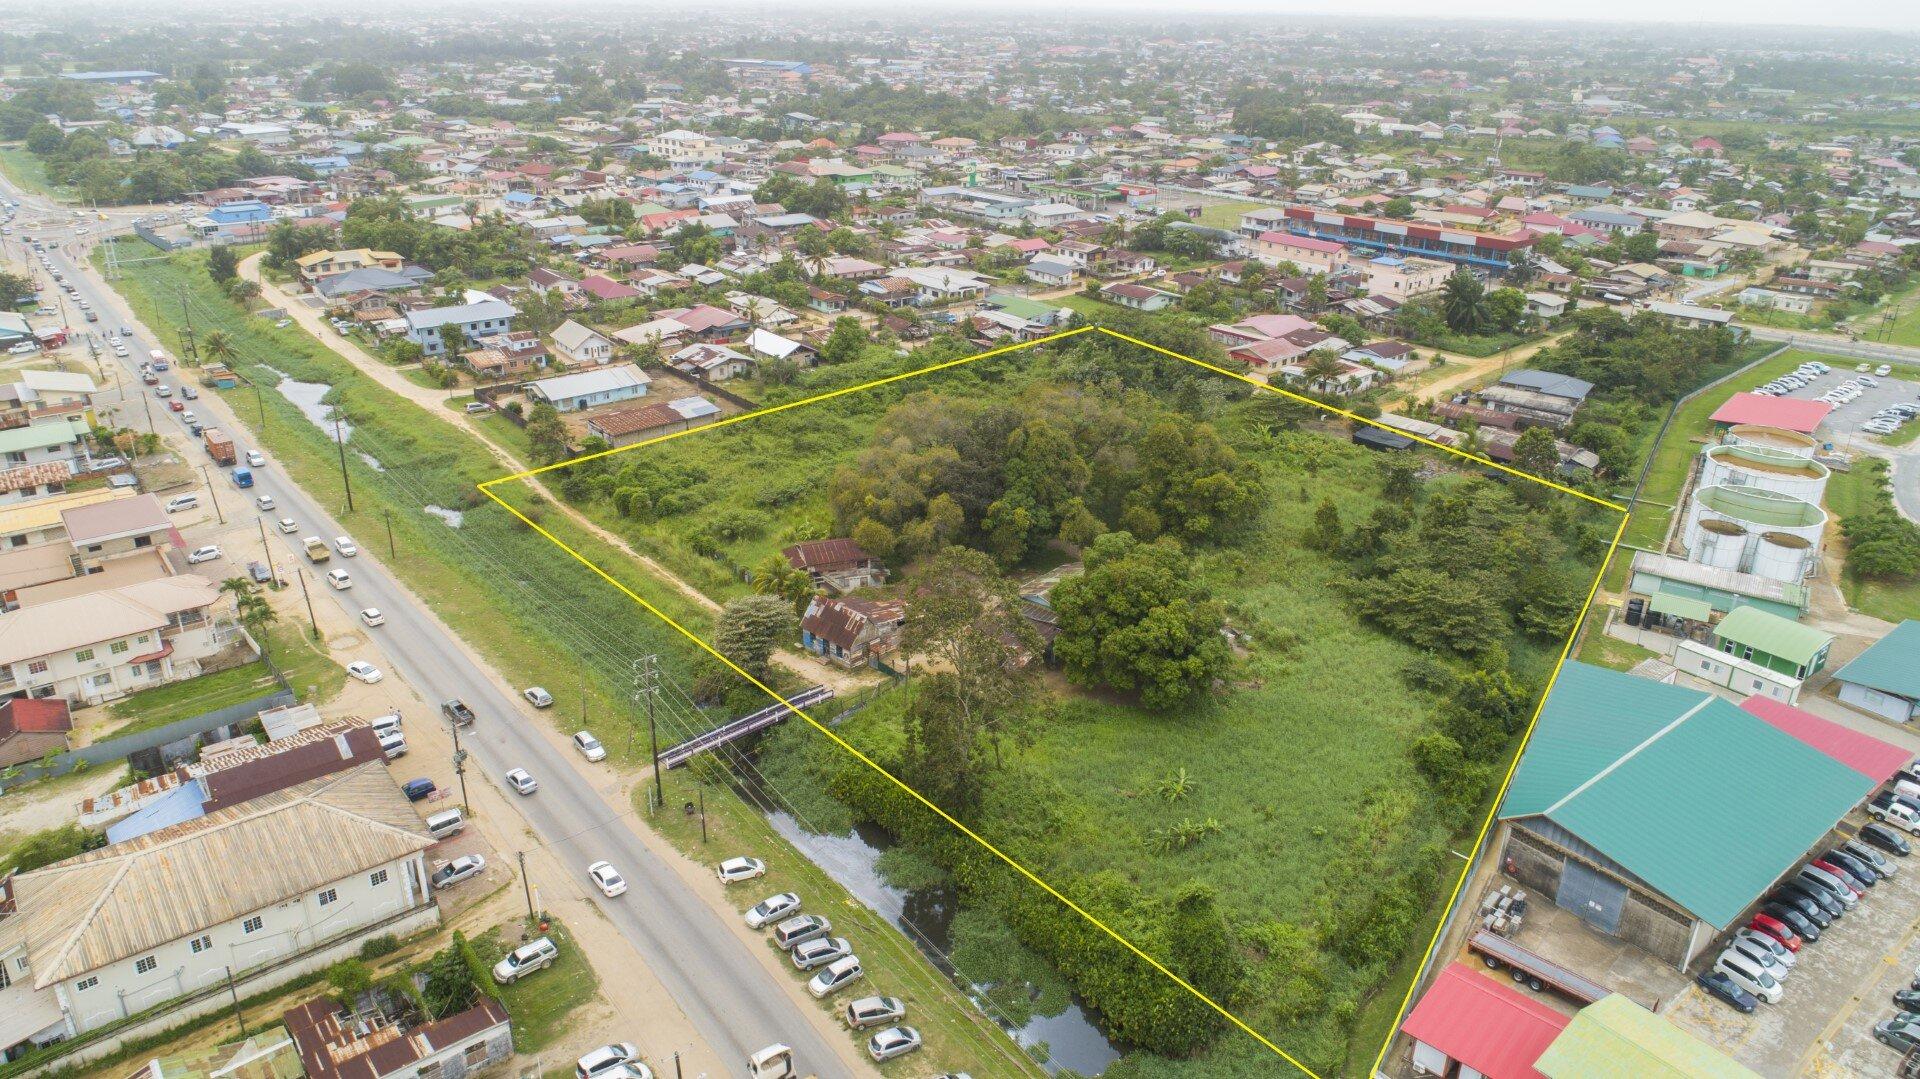 Indira Gandhiweg 153a - Zakelijk terrein gelegen op een A1-locatie, net over de Saramaccadoorsteek - Surgoed Makelaardij NV - Paramaribo, Suriname